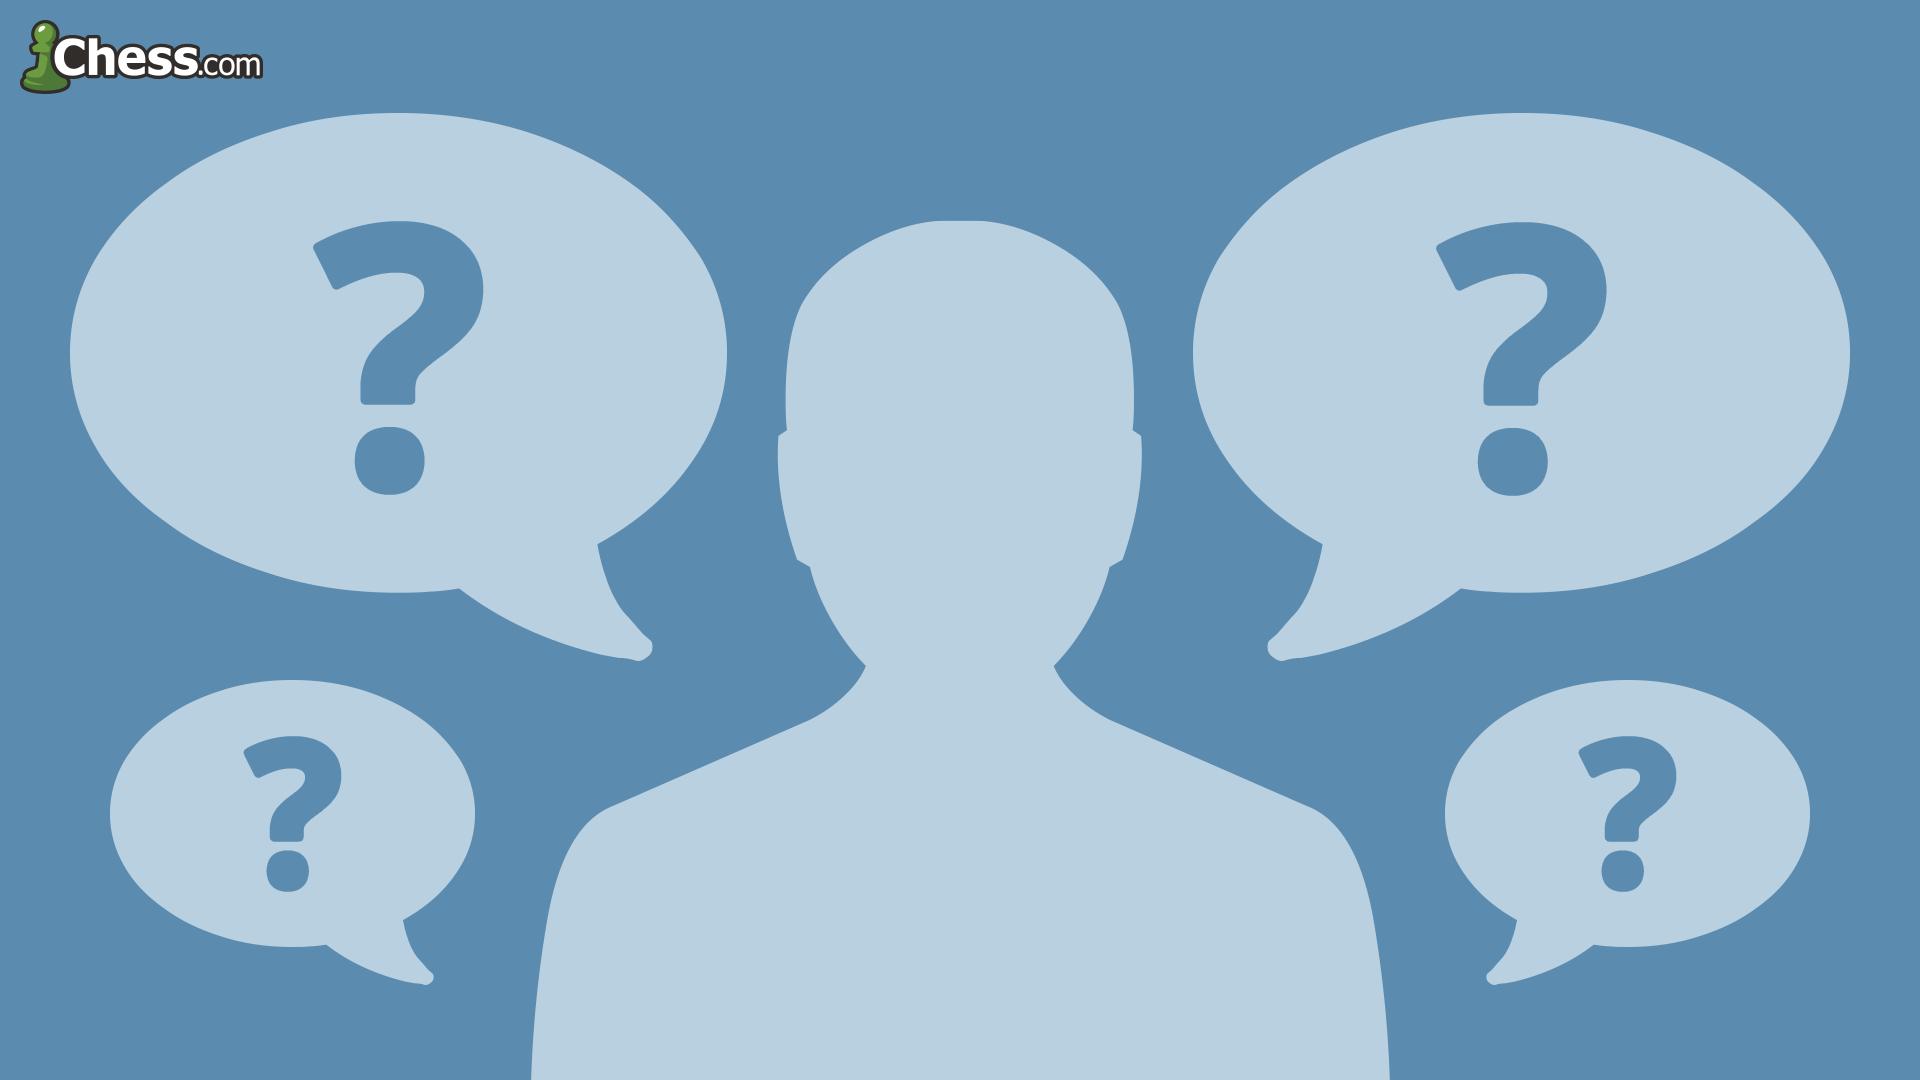 Често постављана питања (FAQs)